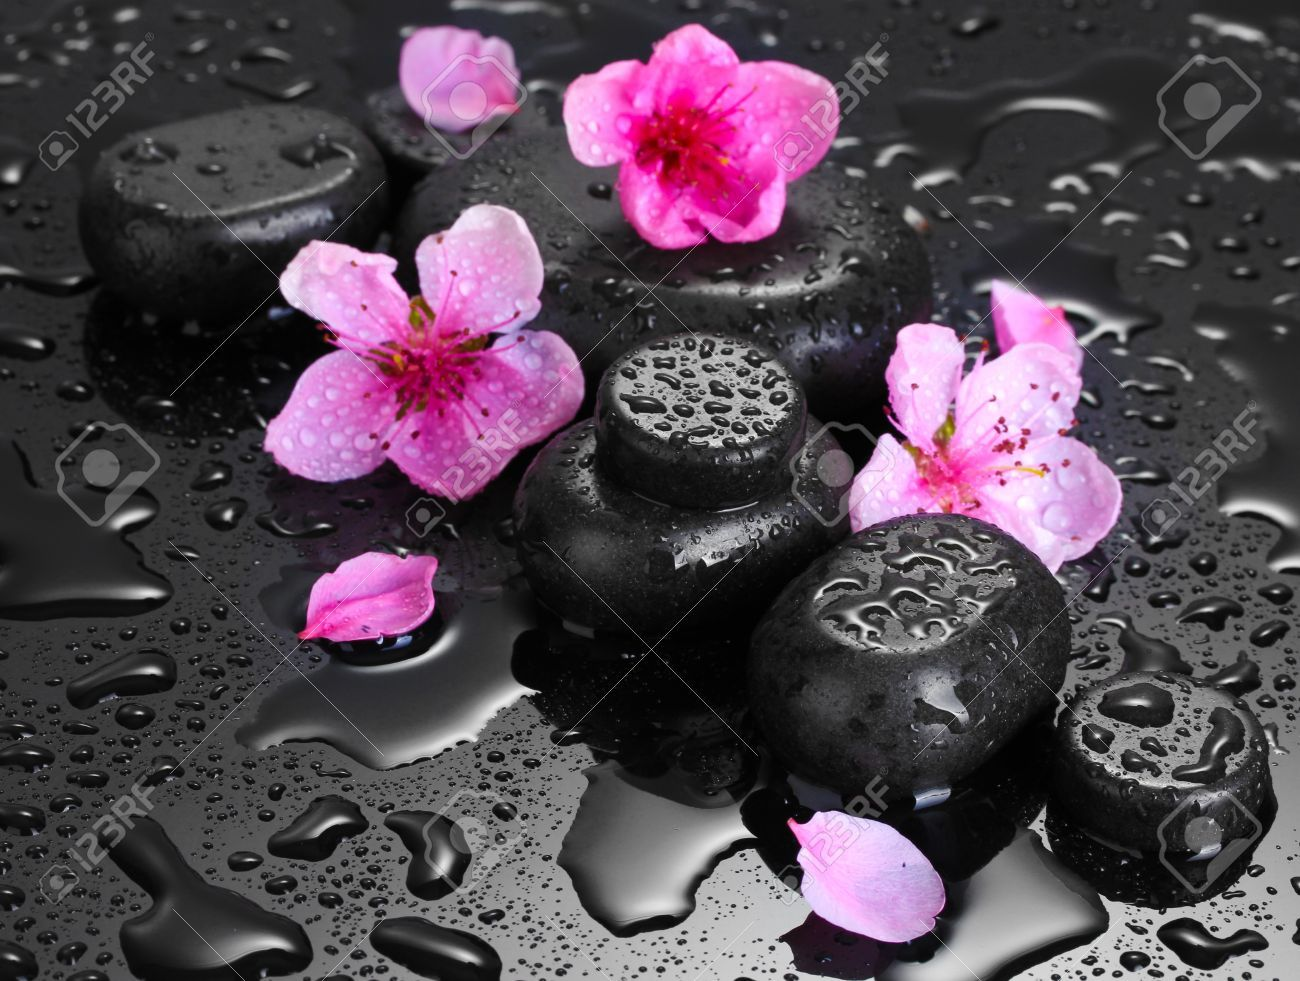 Splash images color splash color pop gray background photo manipulation black